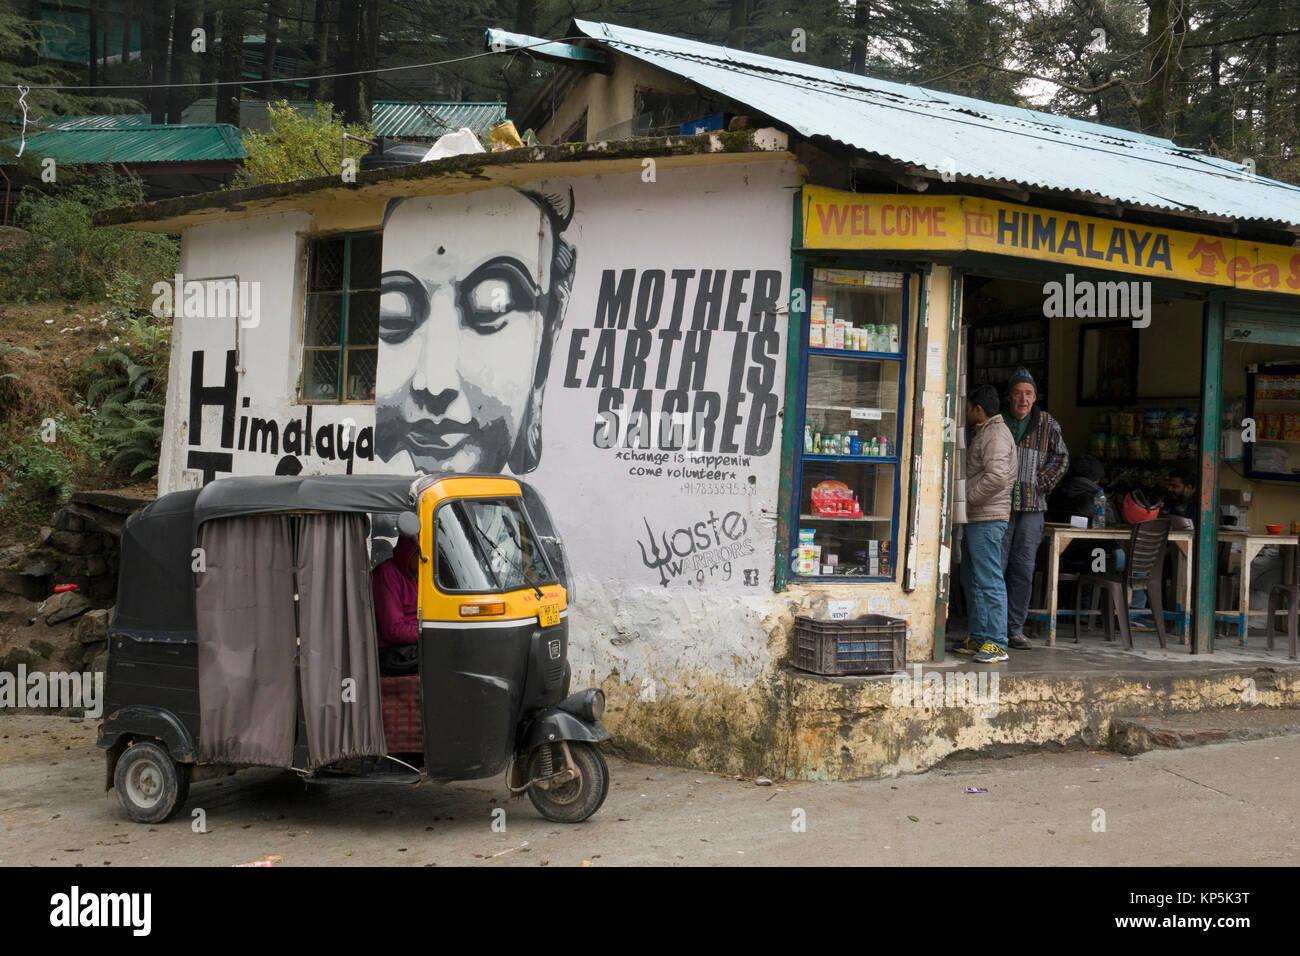 Auto rickshaw stationné à l'extérieur de magasin de thé de l'Himalaya en Inde, Dharamkot Photo Stock